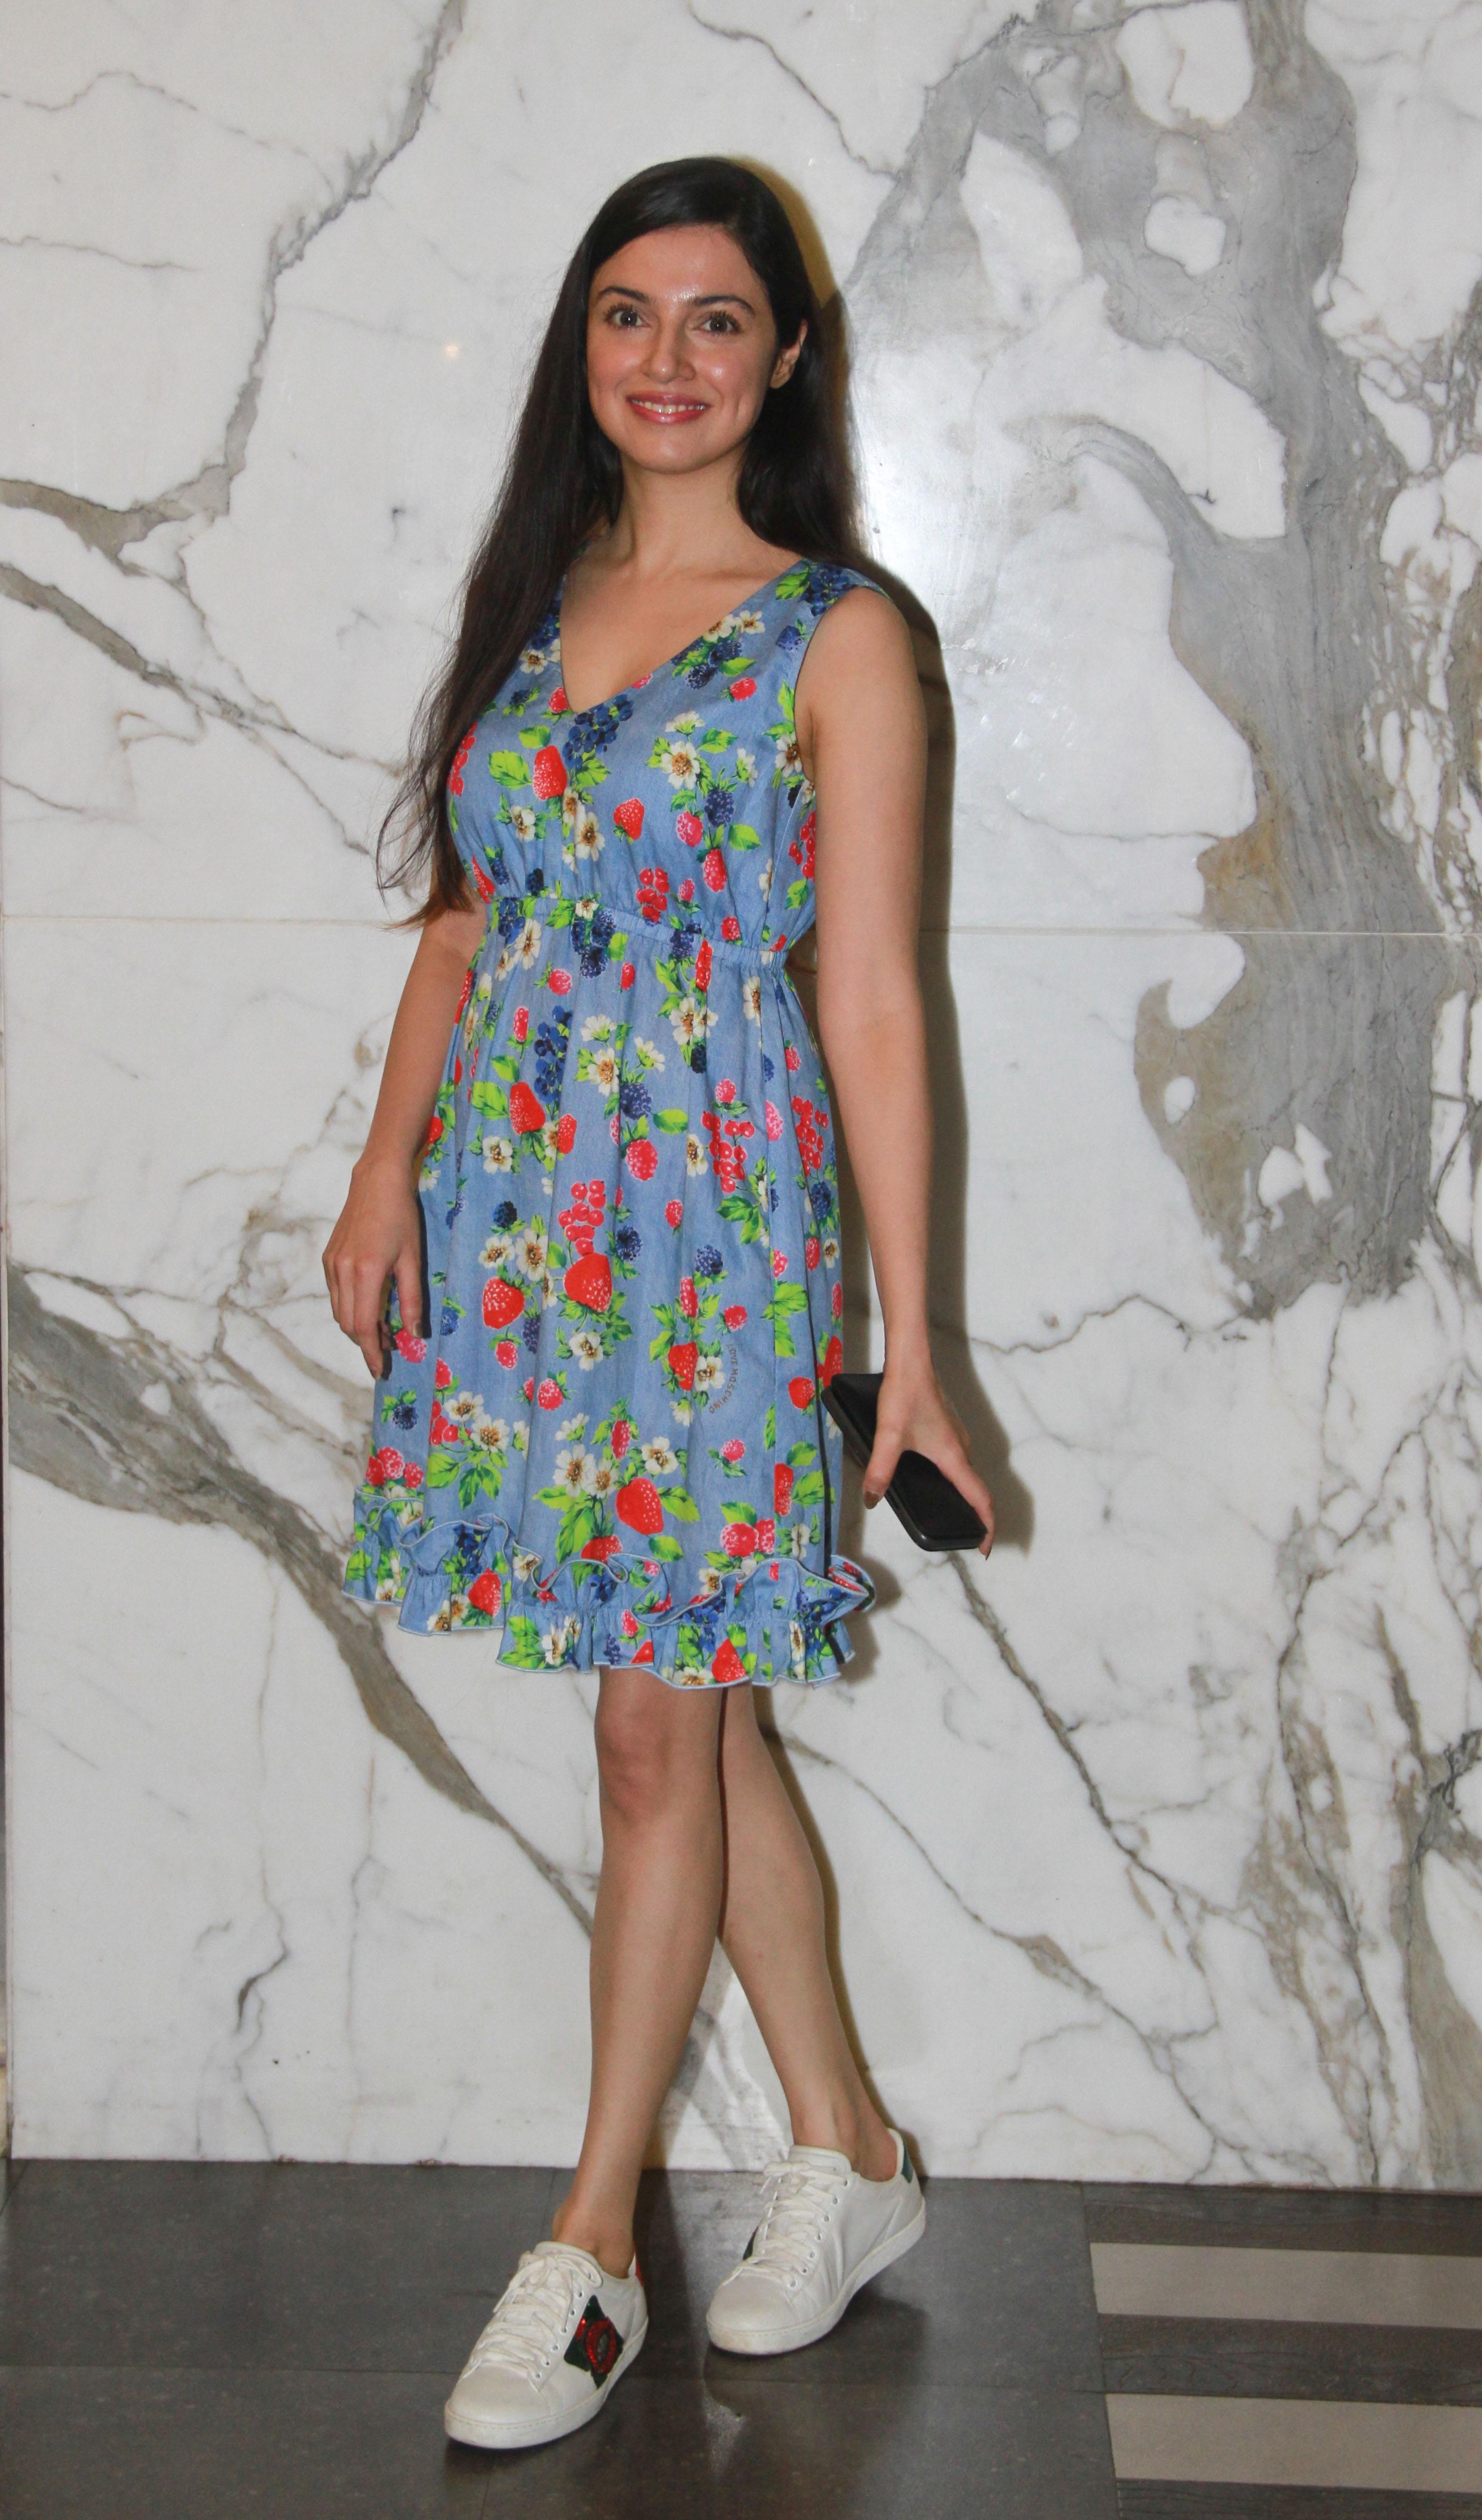 सिंपल लुक अपनाना चाहती हैं तो यह फ्लोरल ड्रेस भी अच्छी लगेगी।